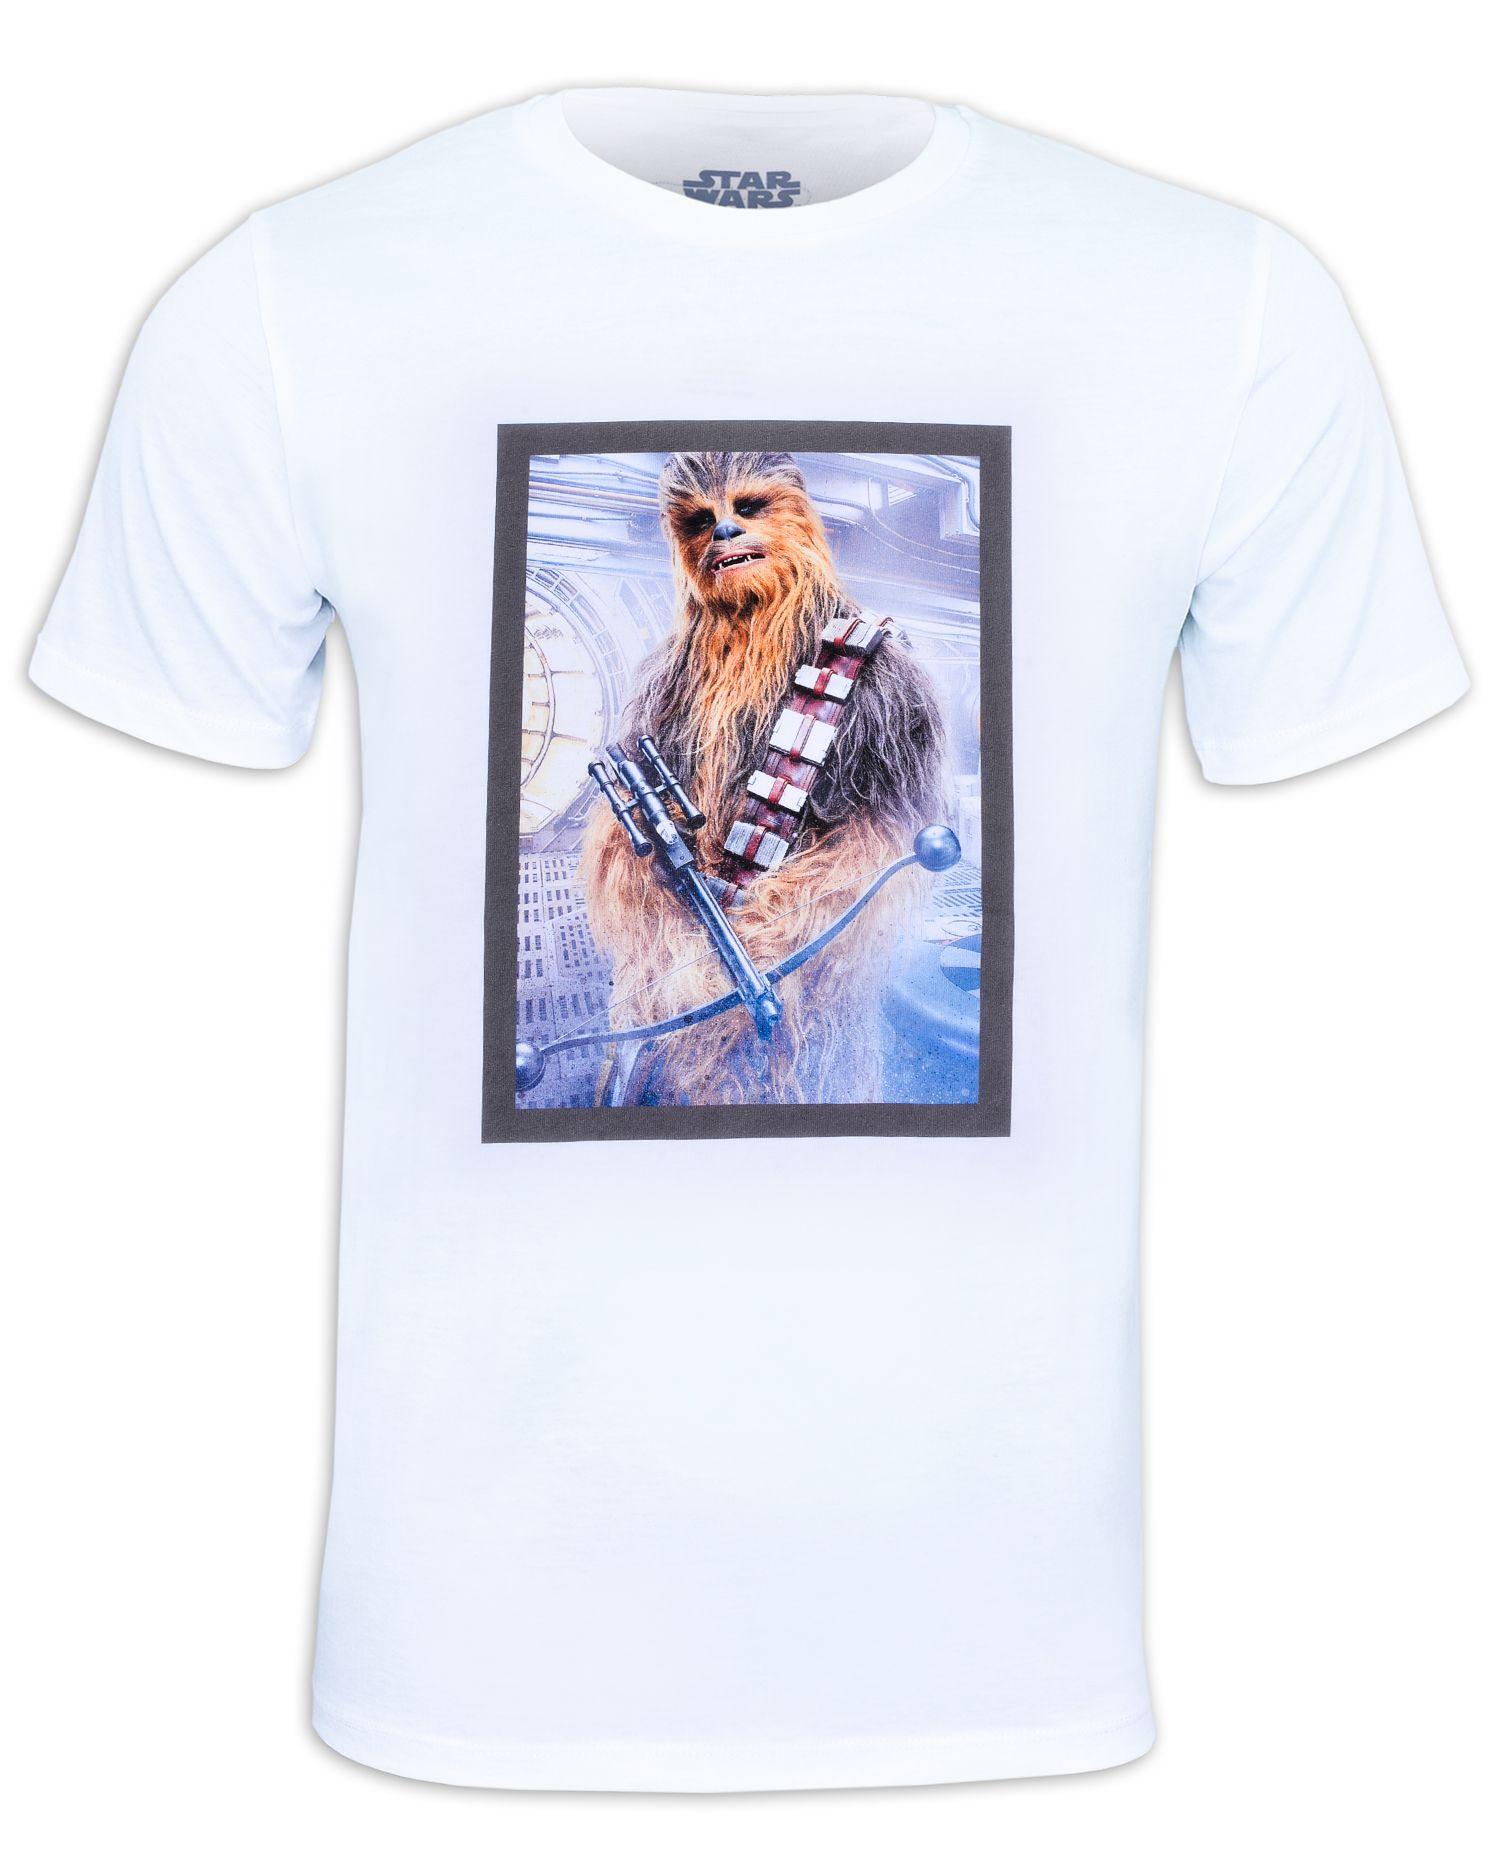 Тениска Star Wars - Chewbacca, бяла - 1